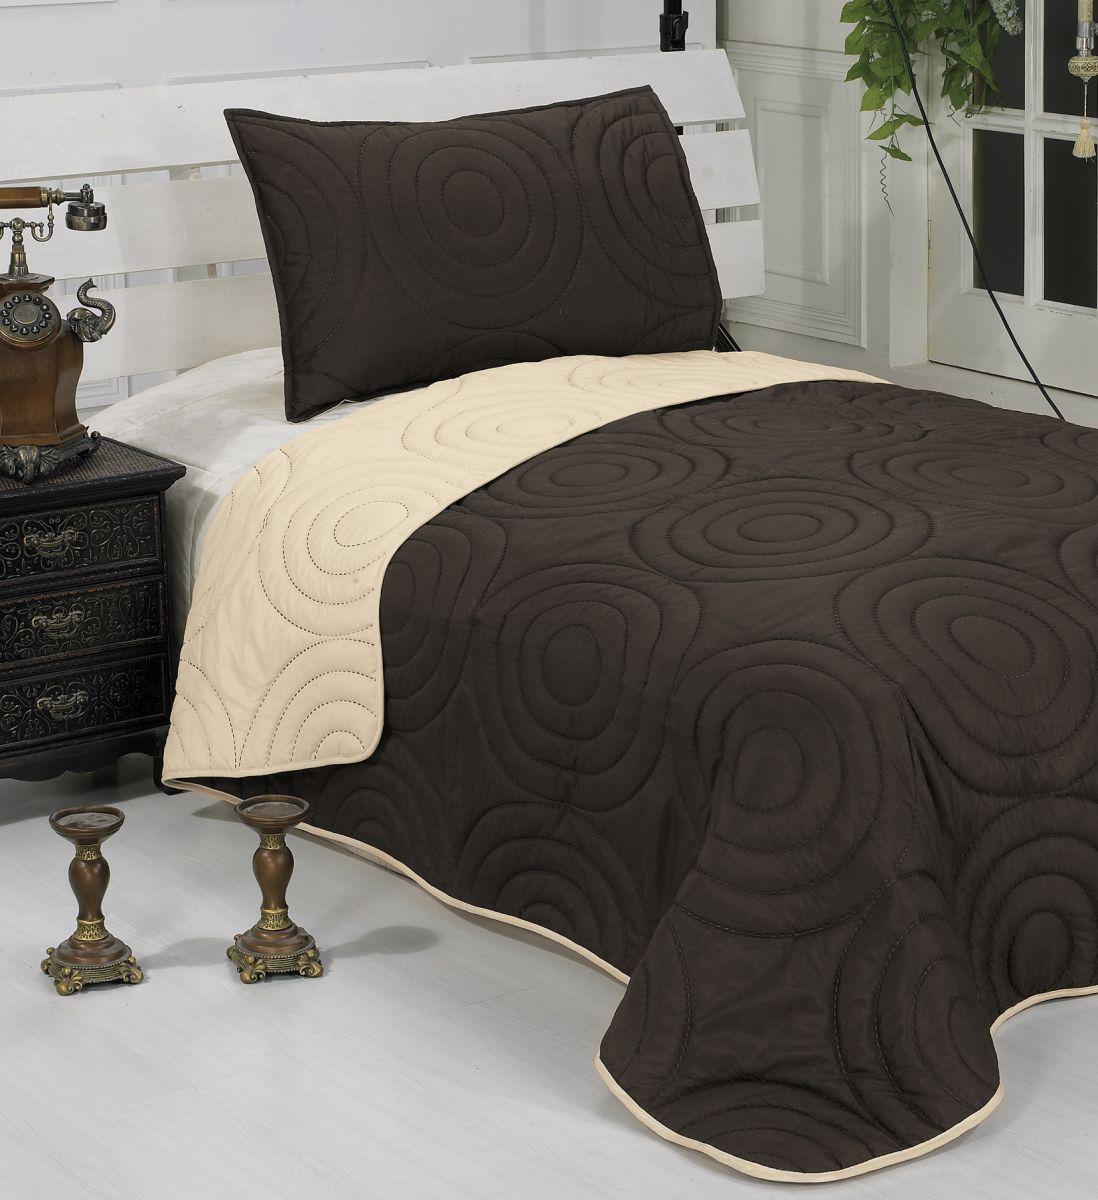 Betti čokoládová + béžová, přehoz na postel